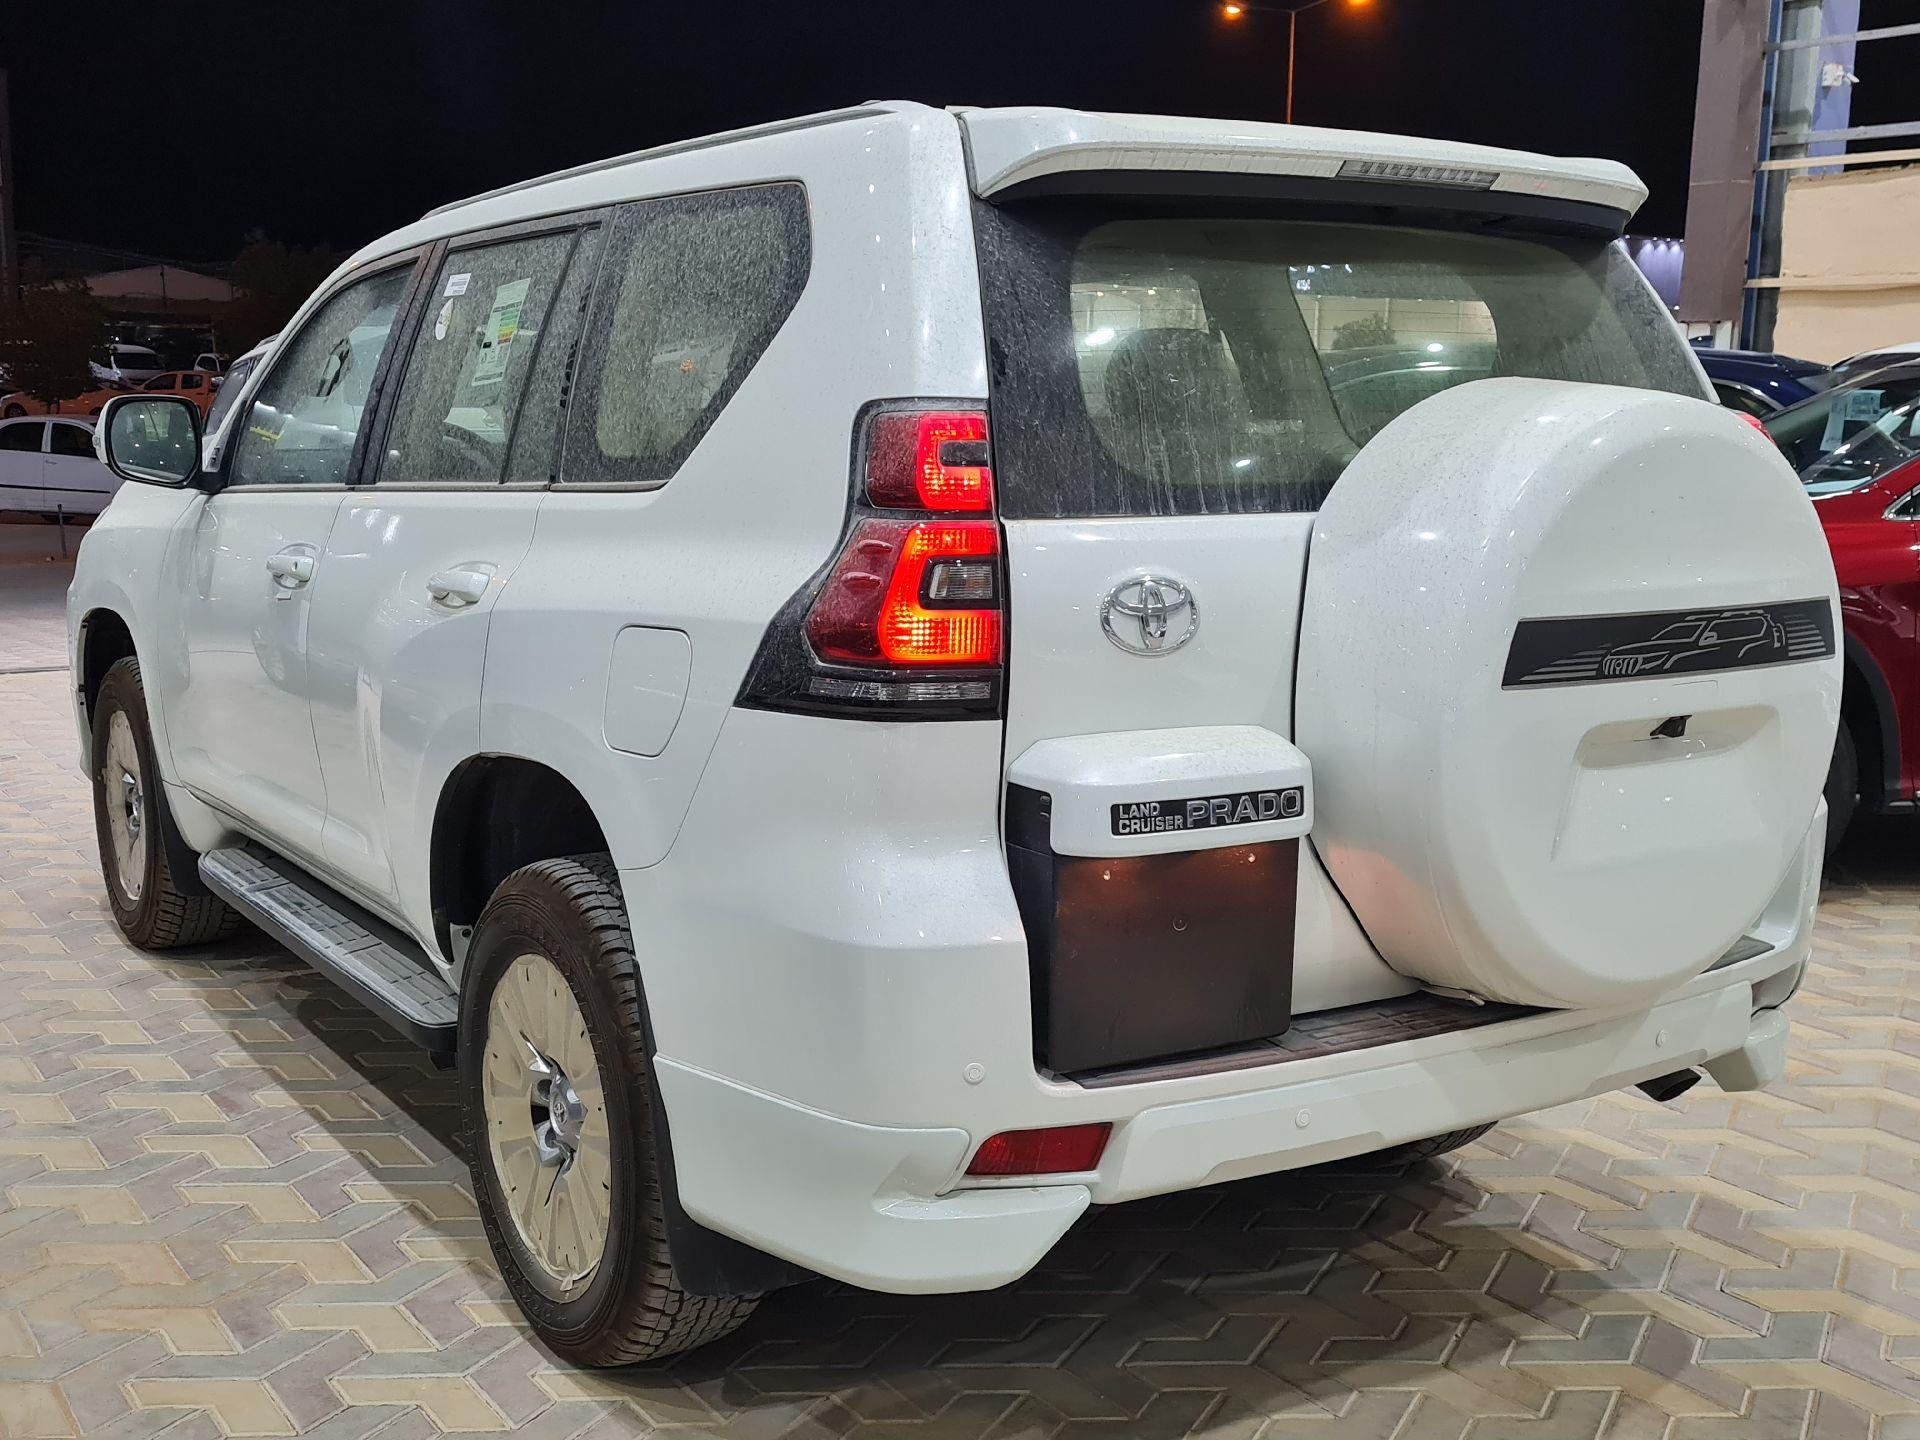 تويوتا برادو TXL1 فل 2021 دبل خليجي جديد للبيع في الرياض - السعودية - صورة كبيرة - 4